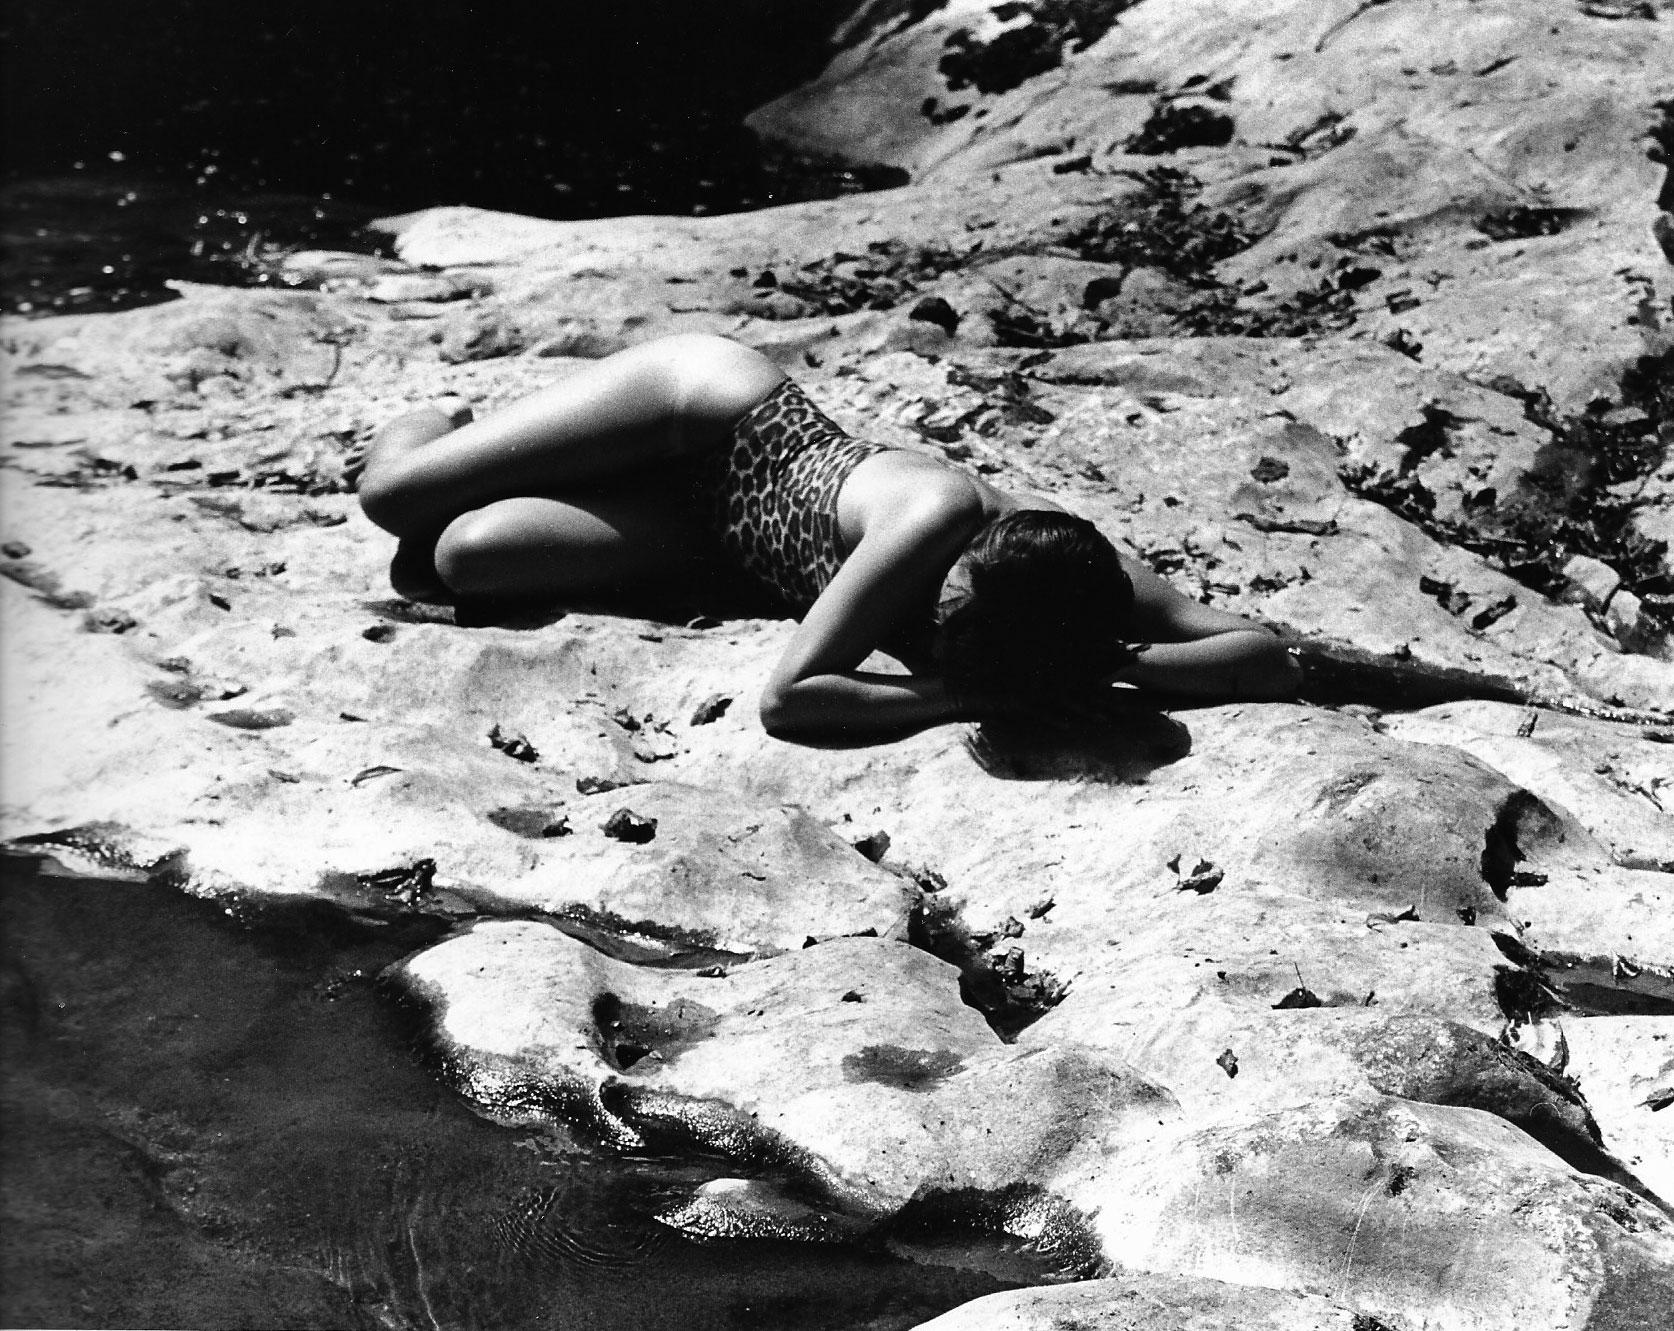 Photographie noir-blanc d'une femme en maillot de bain léopard